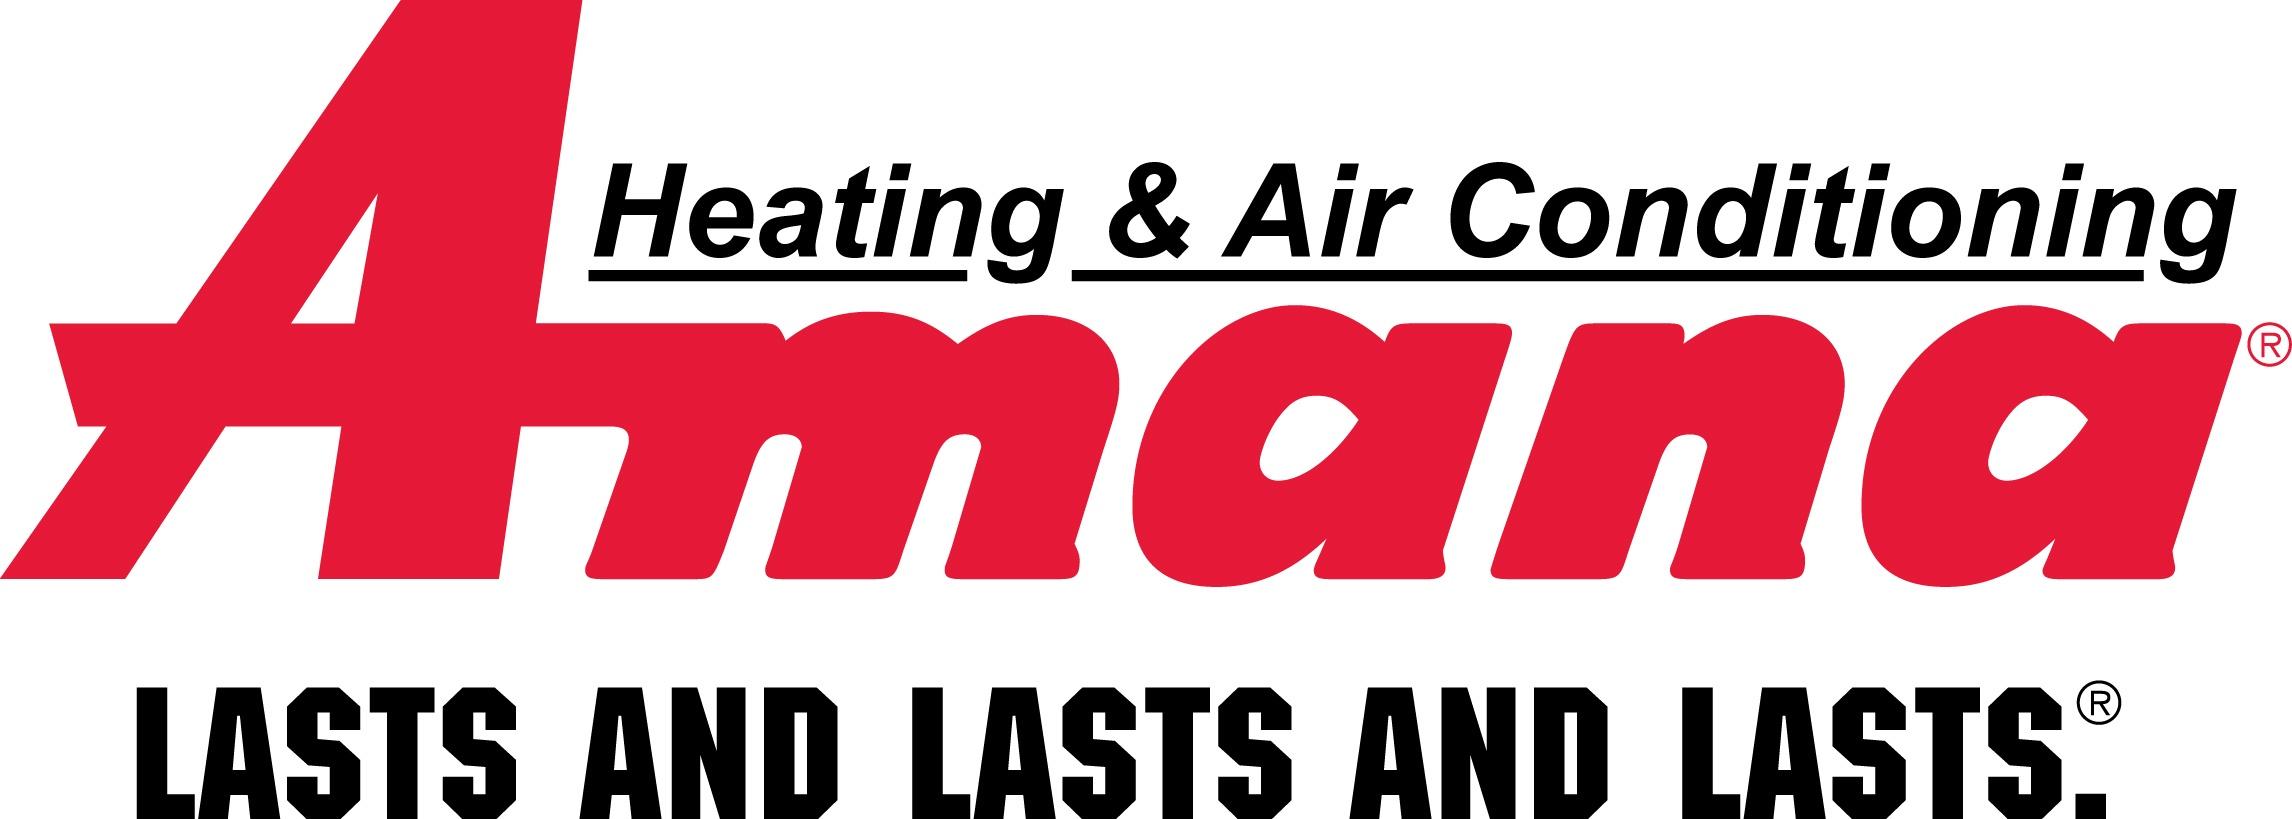 Amana-logo_-LLL_186REG_HR